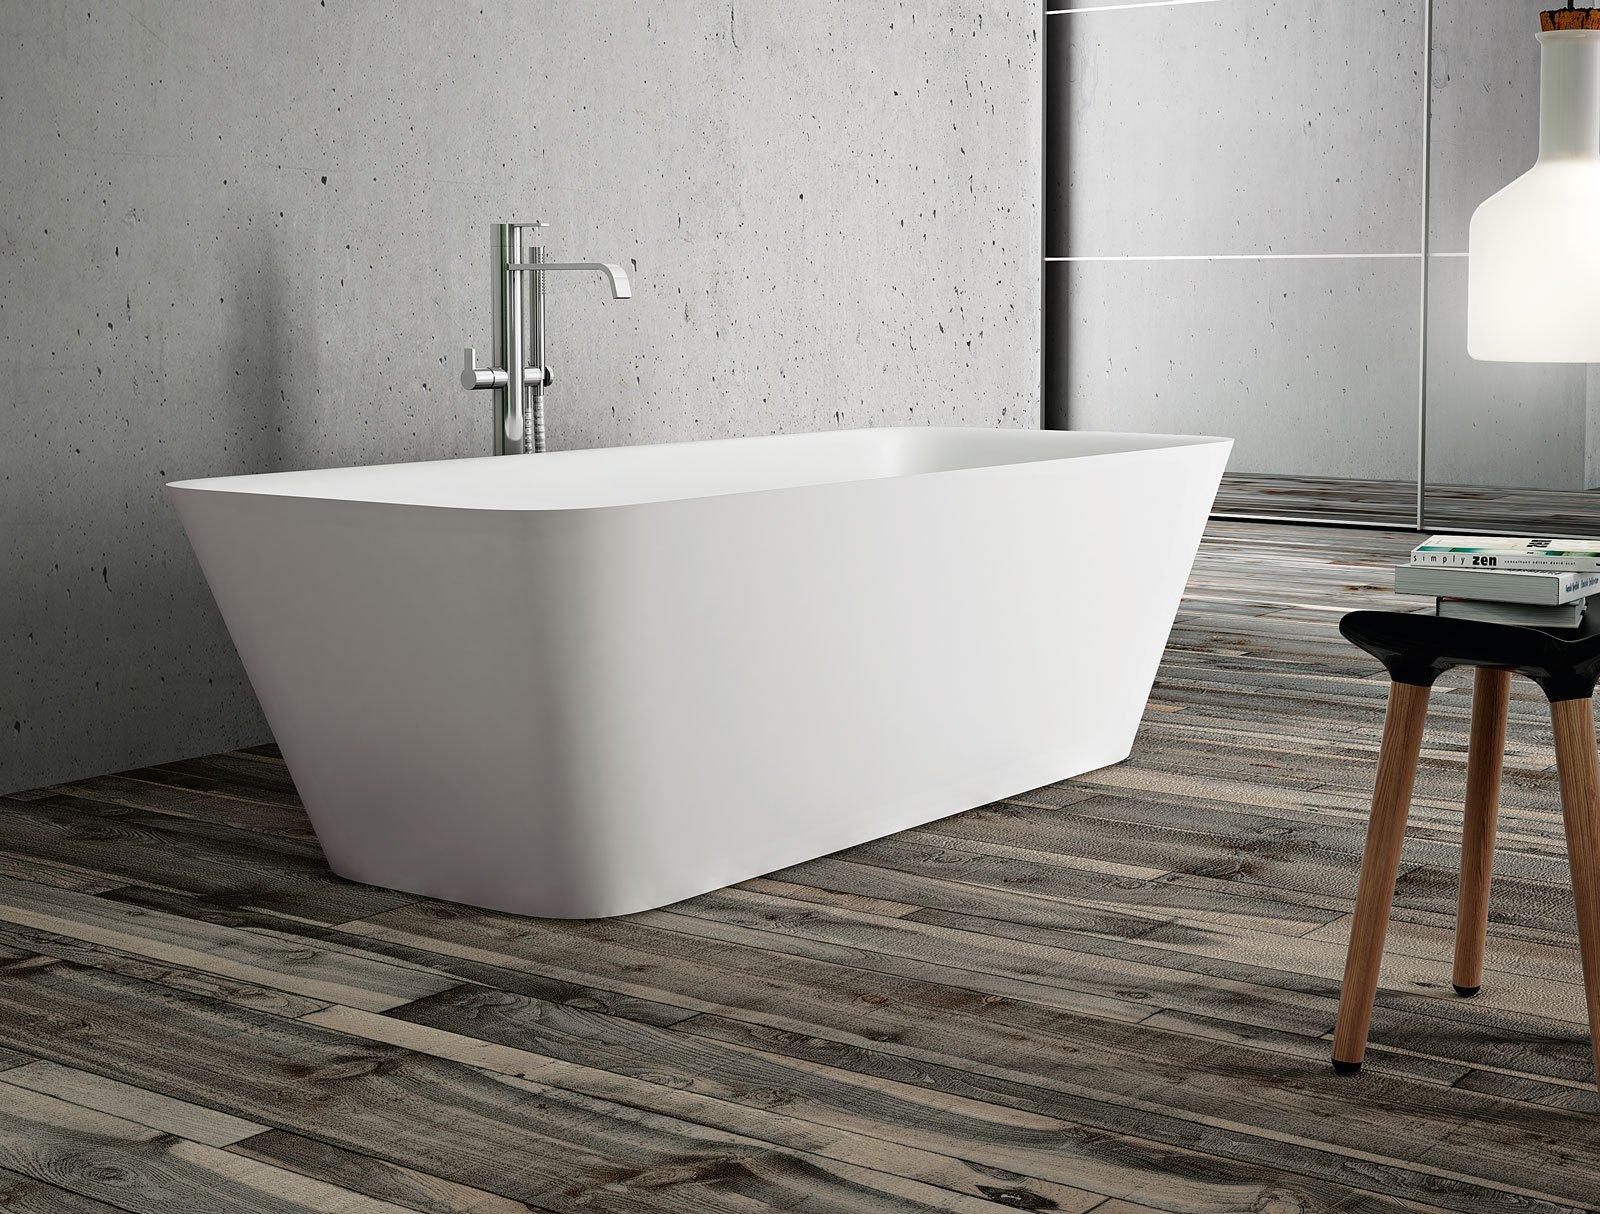 Cersaie 2015 materiali e forme per il bagno cose di casa - Vasche da bagno prezzi e misure ...